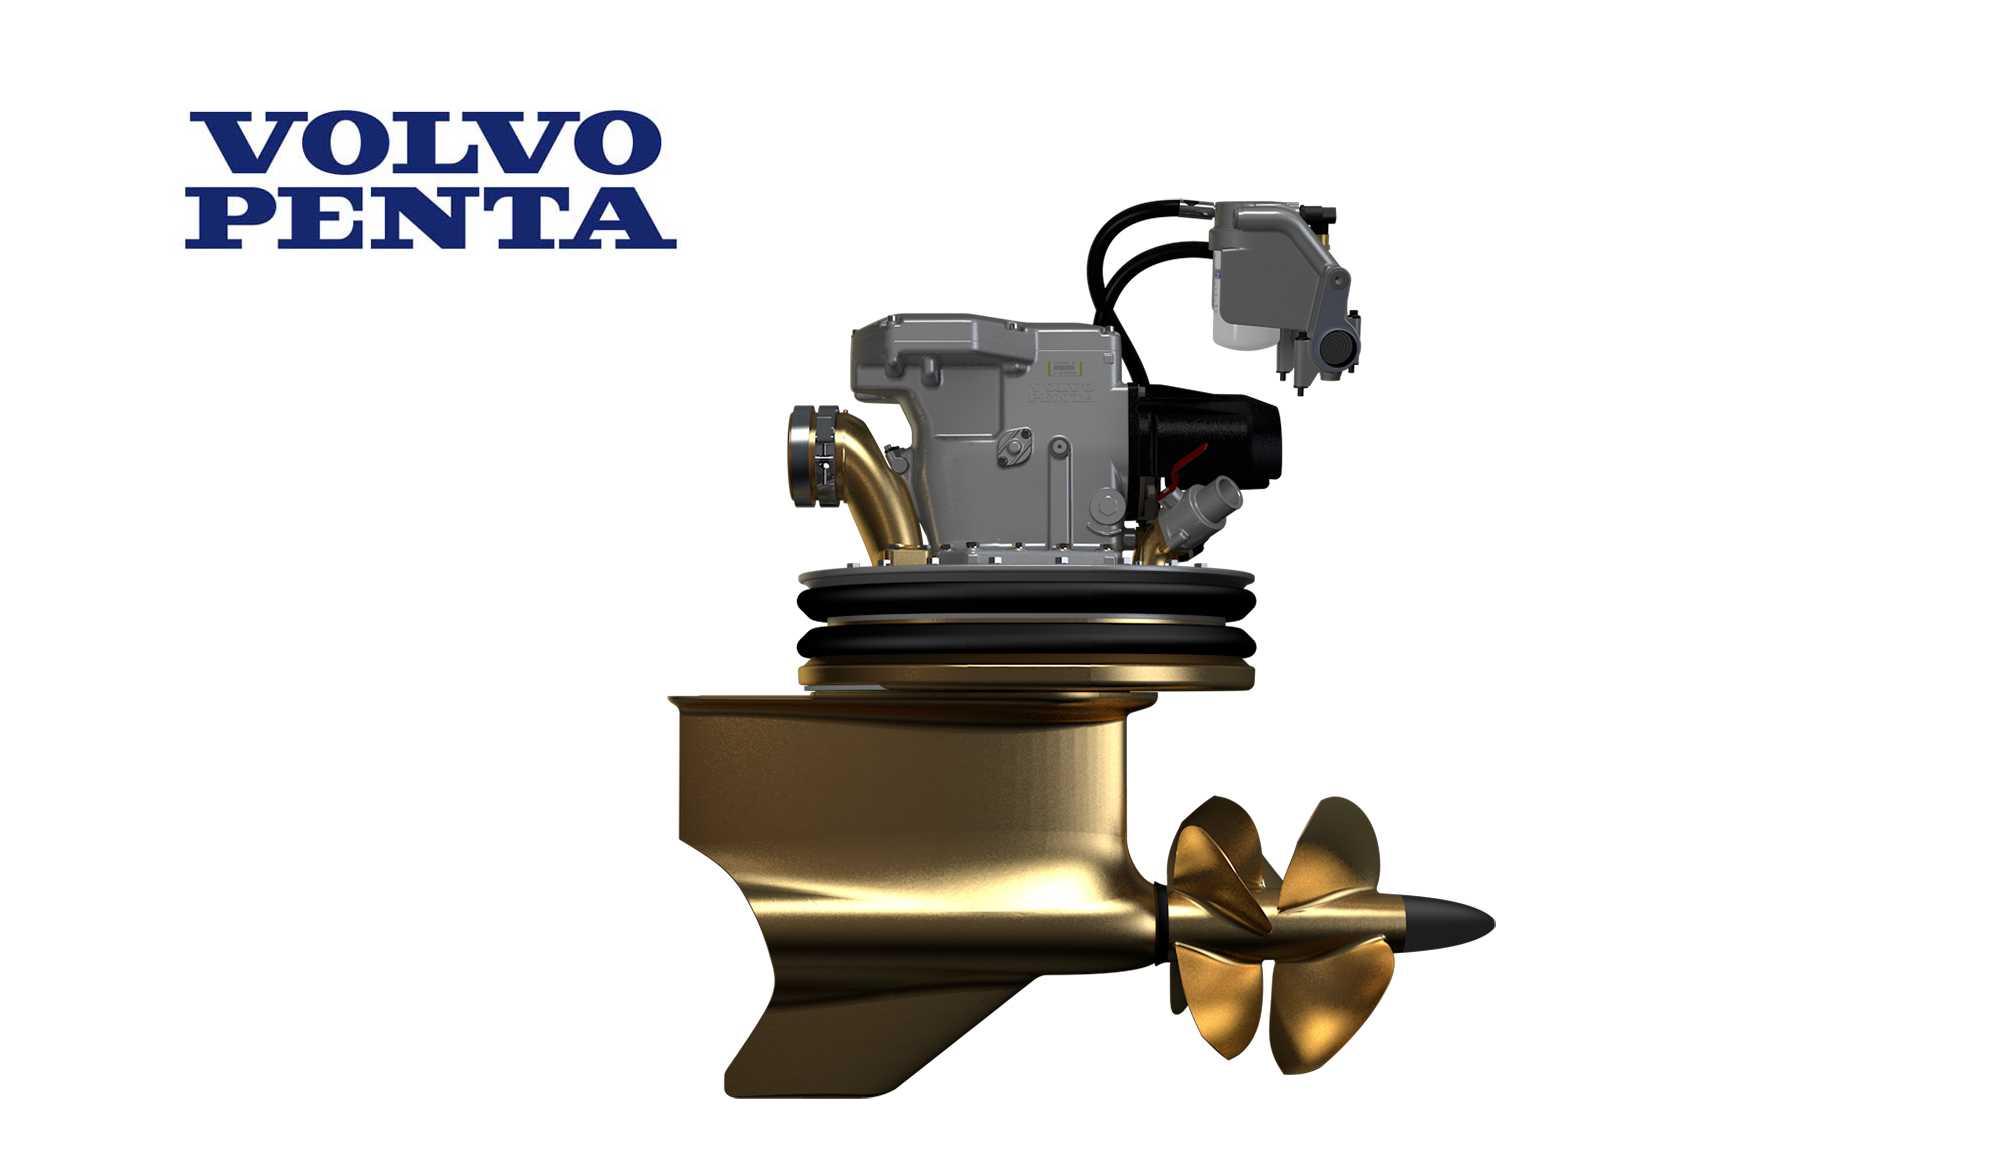 Nuevos motores Volvo Penta IPS